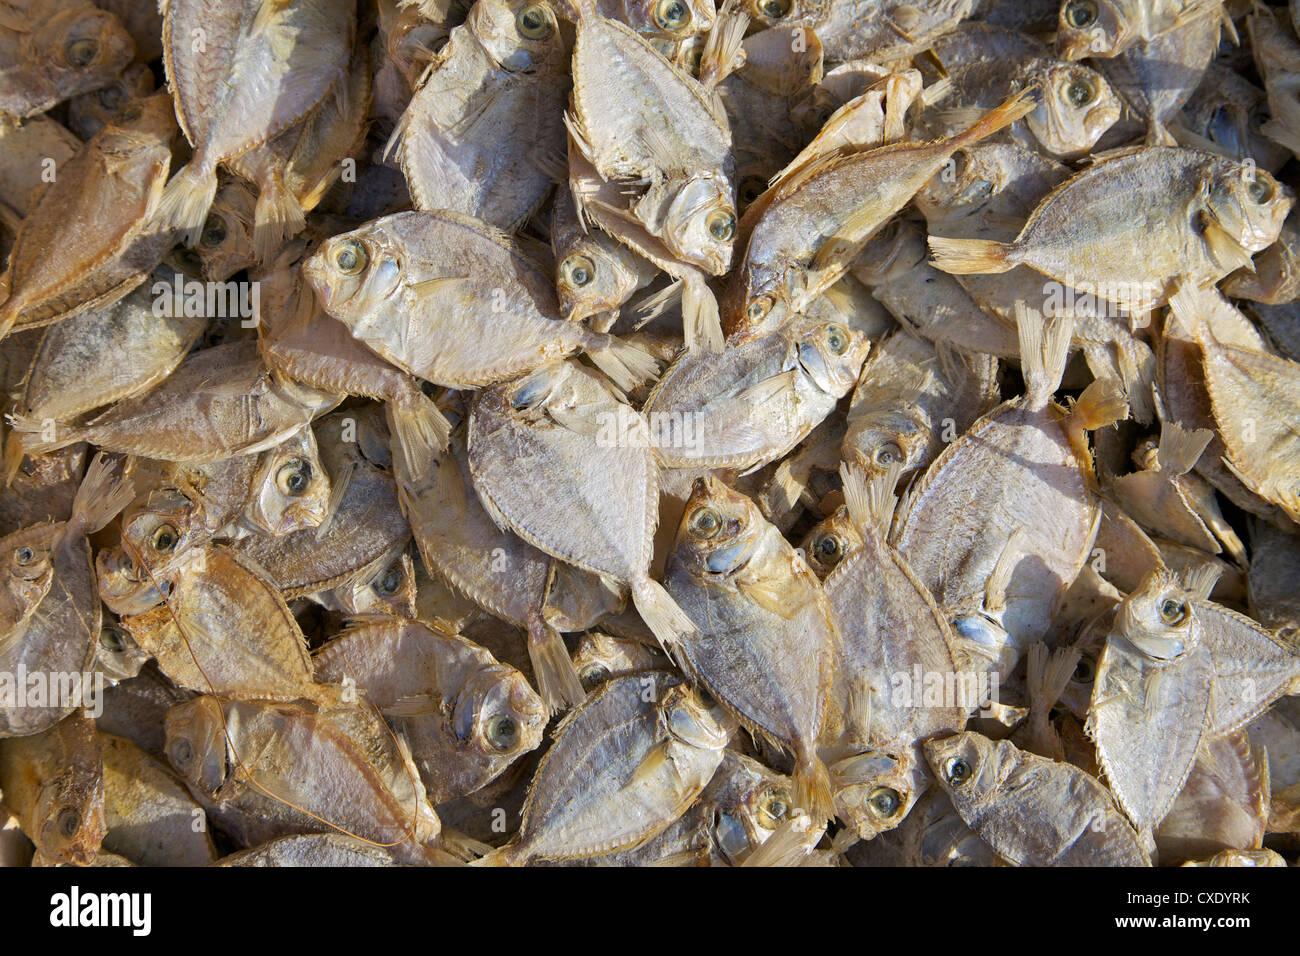 Getrockneter Fisch zum Verkauf am Marktstand, Nilaveli, Trincomalee, Sri Lanka, Asien Stockbild